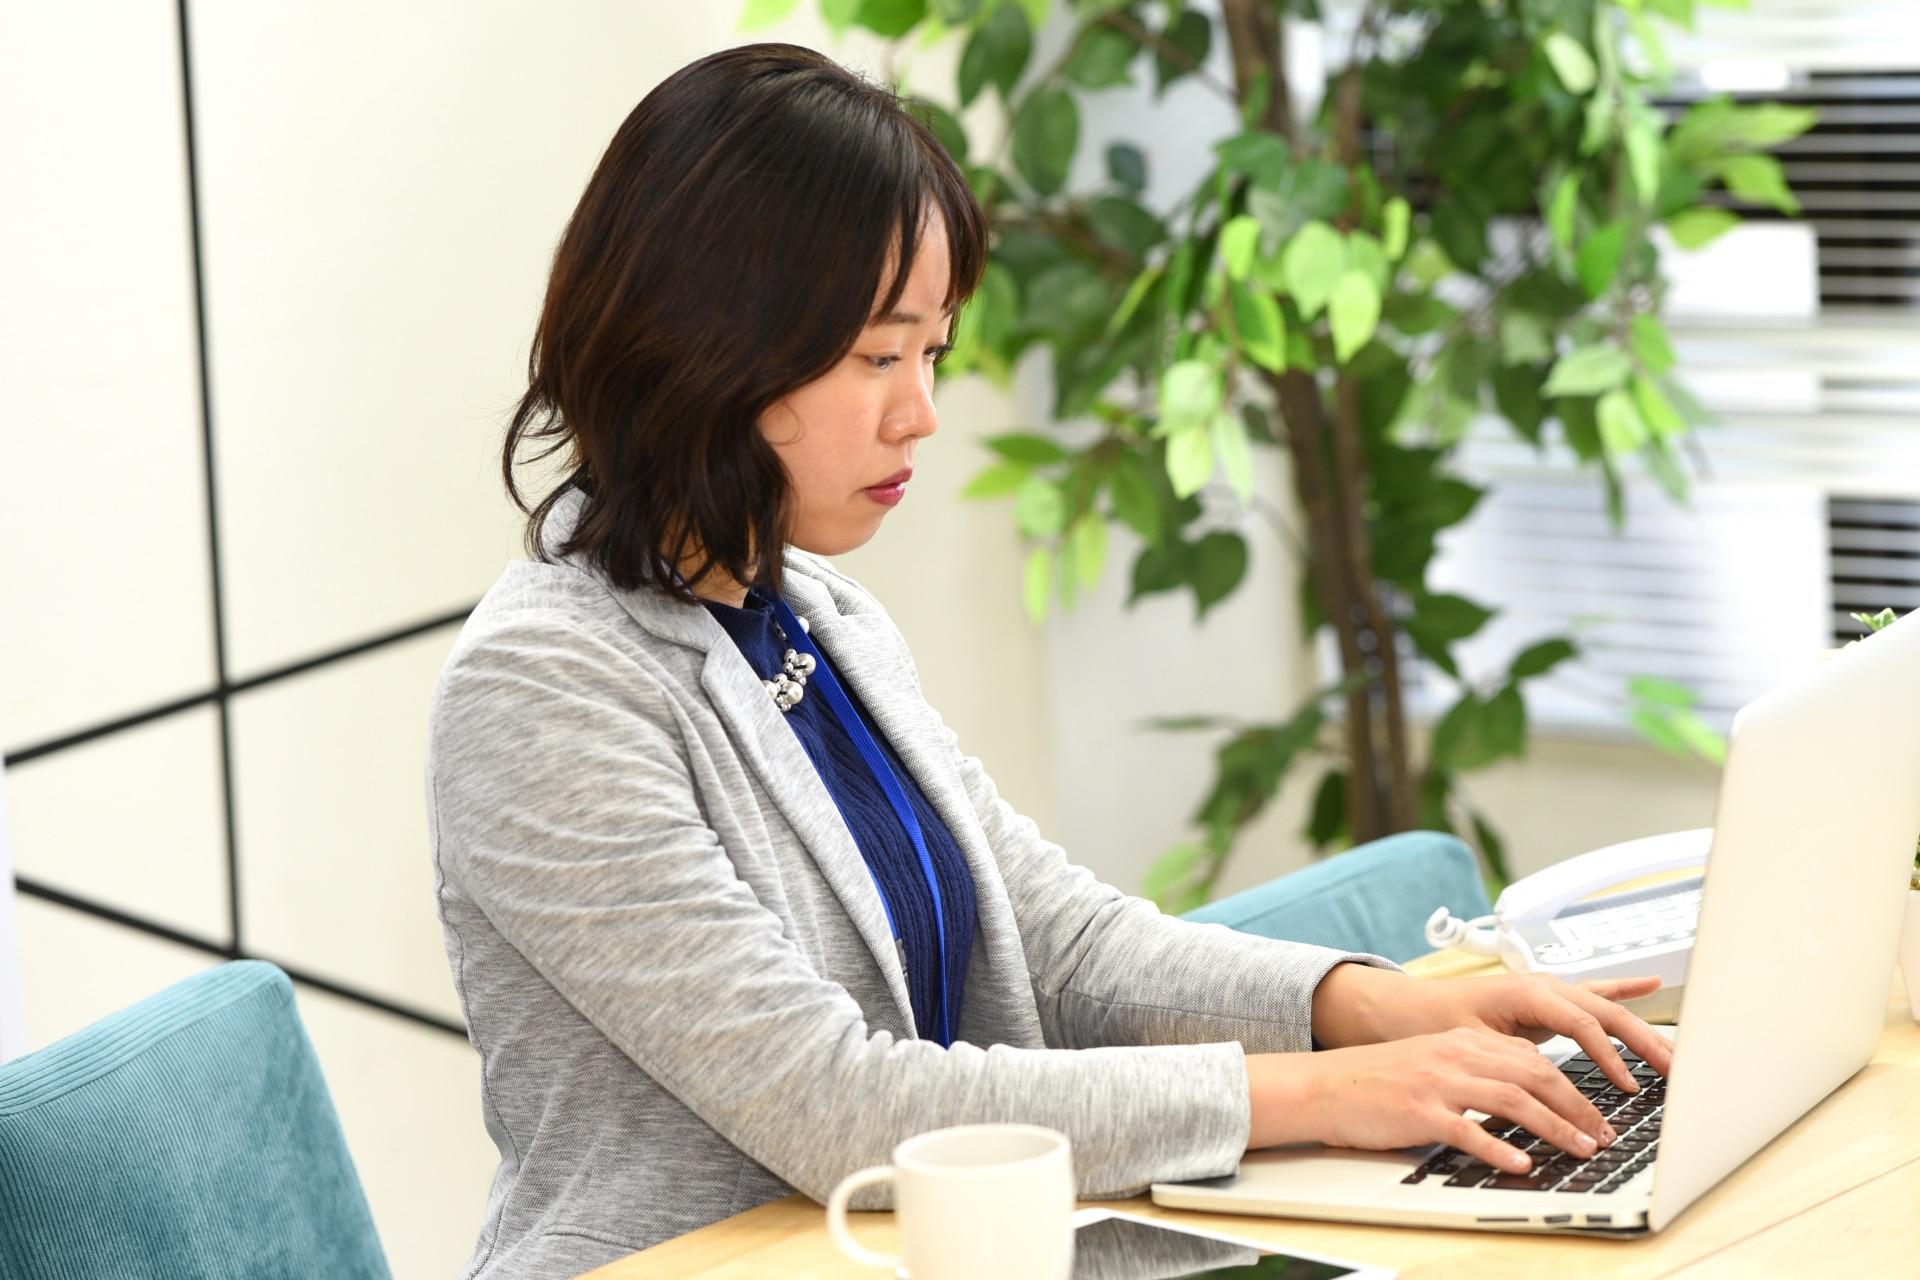 PC操作をする女性